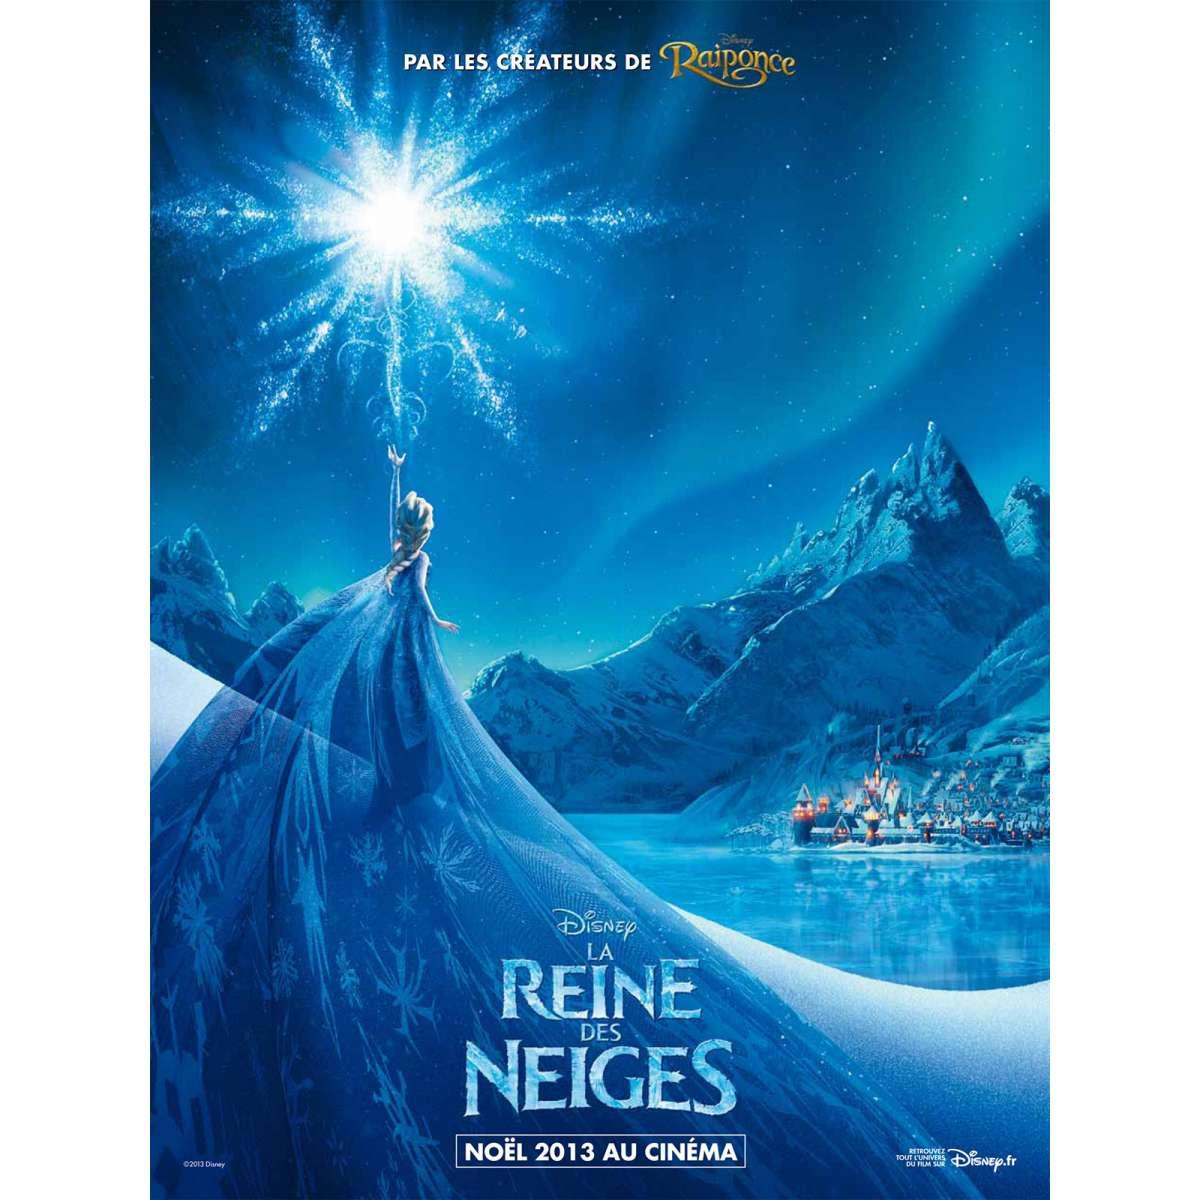 Affiche de la reine des neiges prev - La reine des neiges walt disney ...